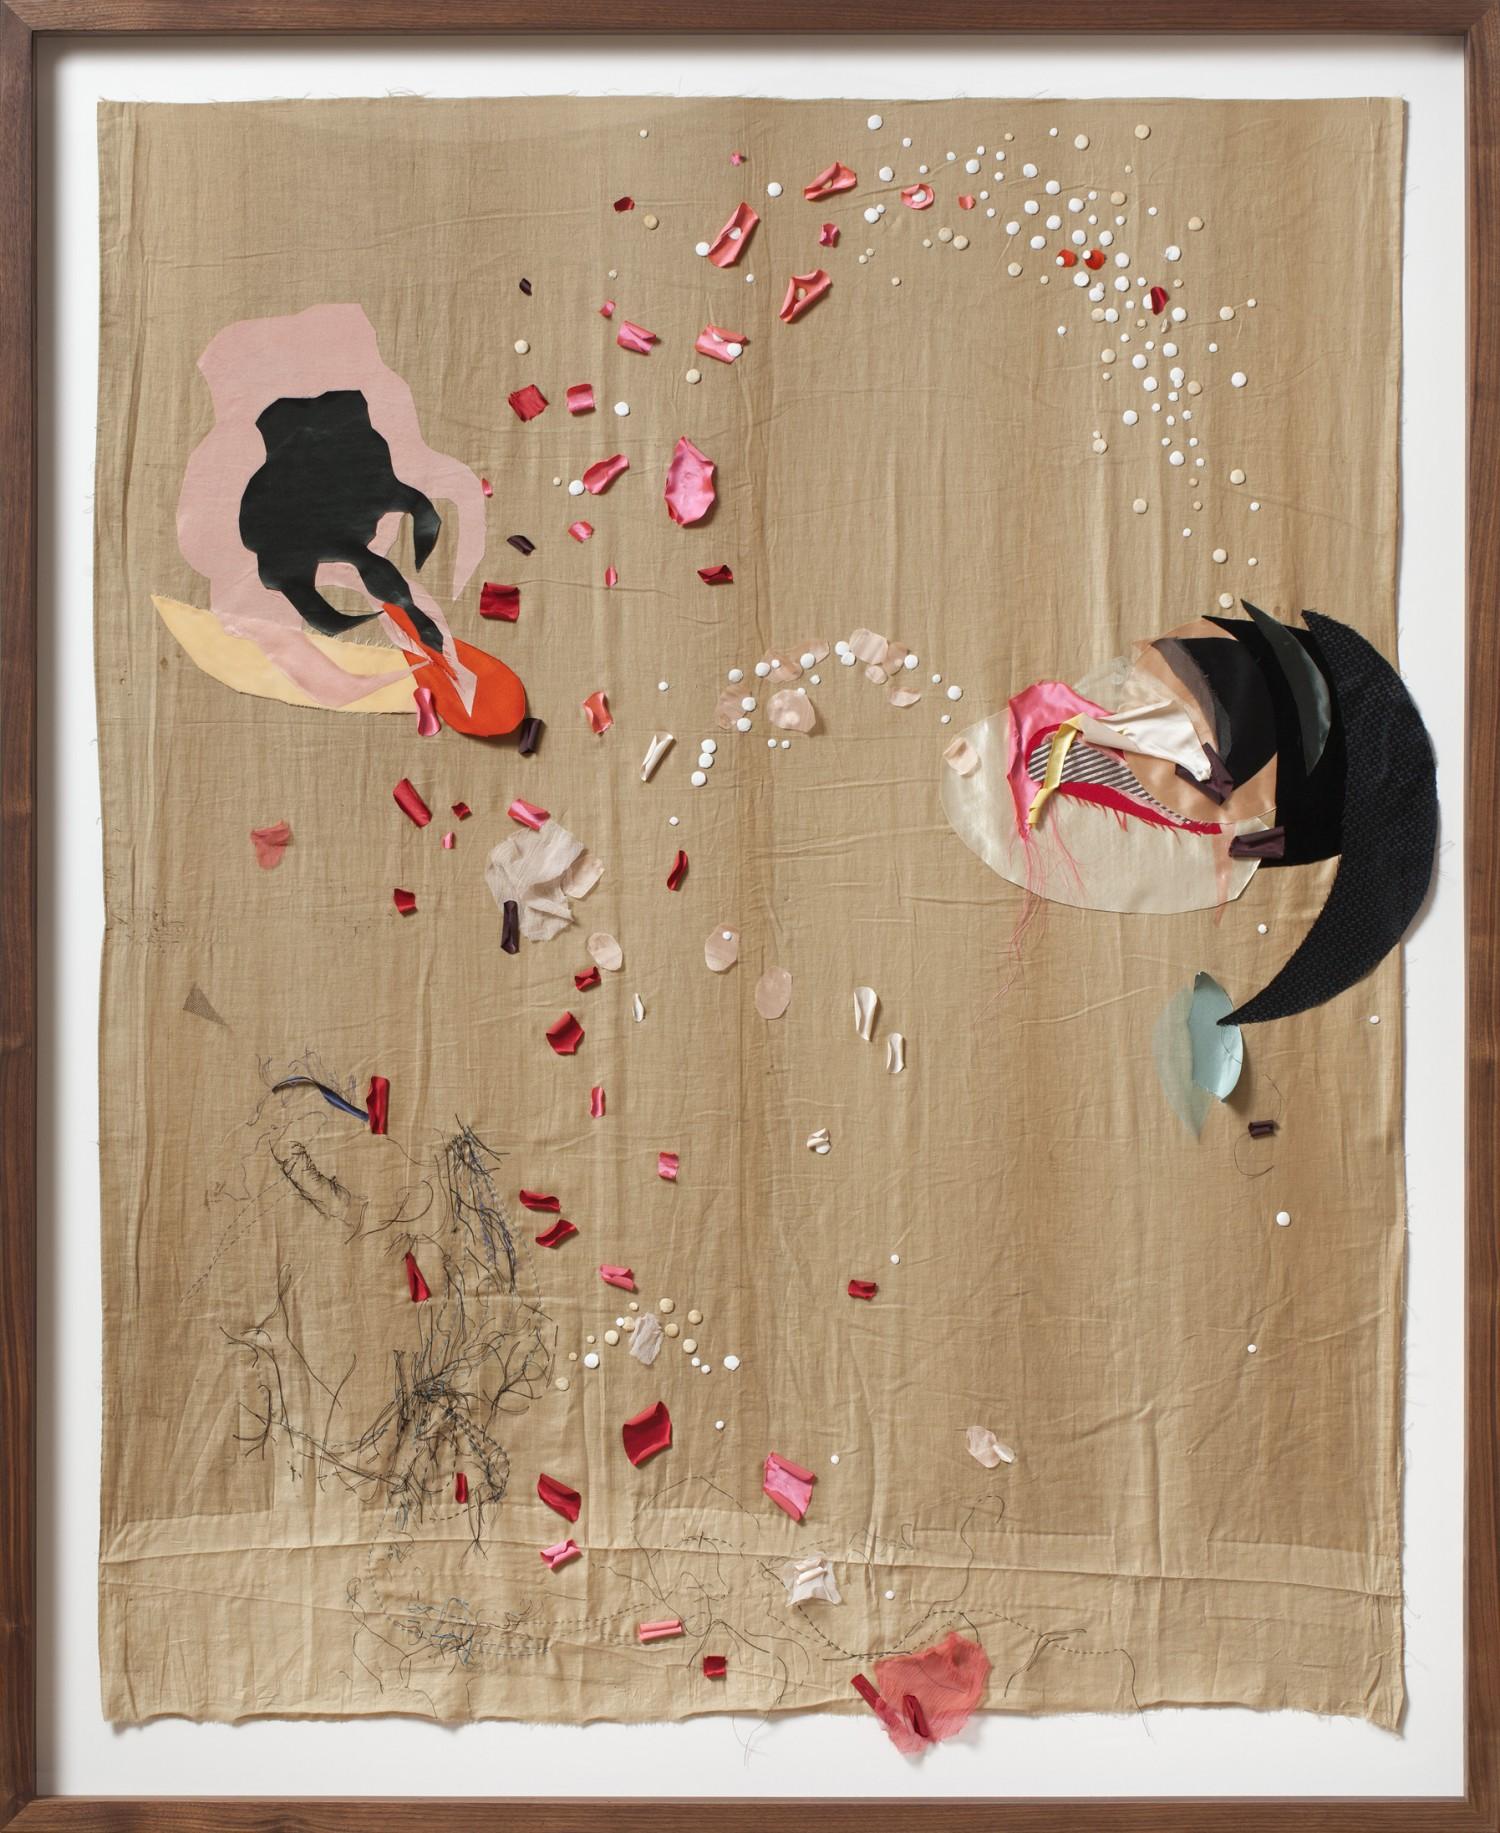 Secret 02, 174 x 142 x 3 cm, 2012